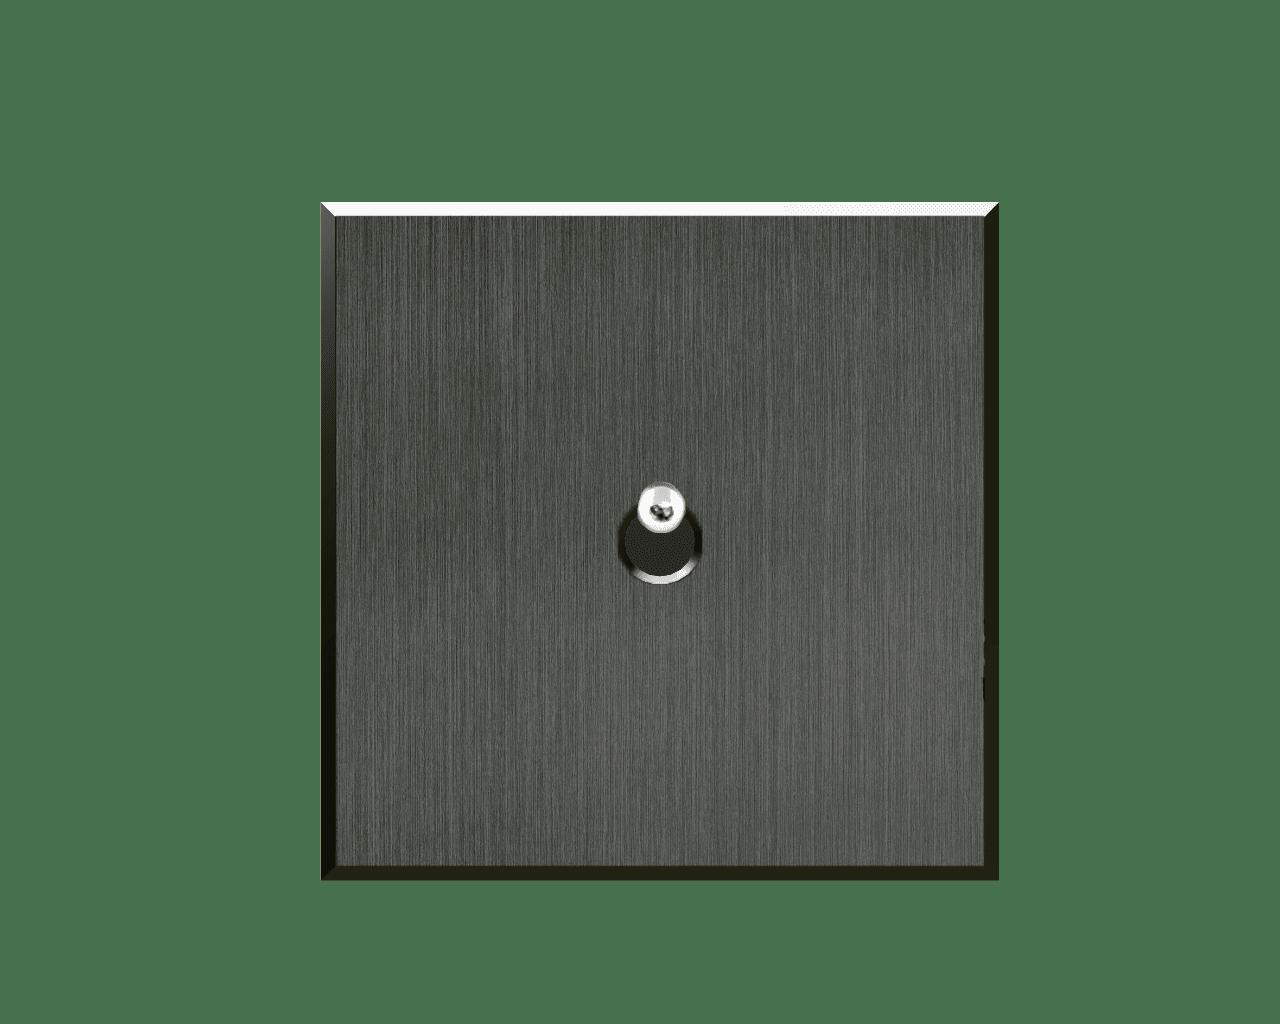 Interrupteur Matière Lumière finition Nickel Noir